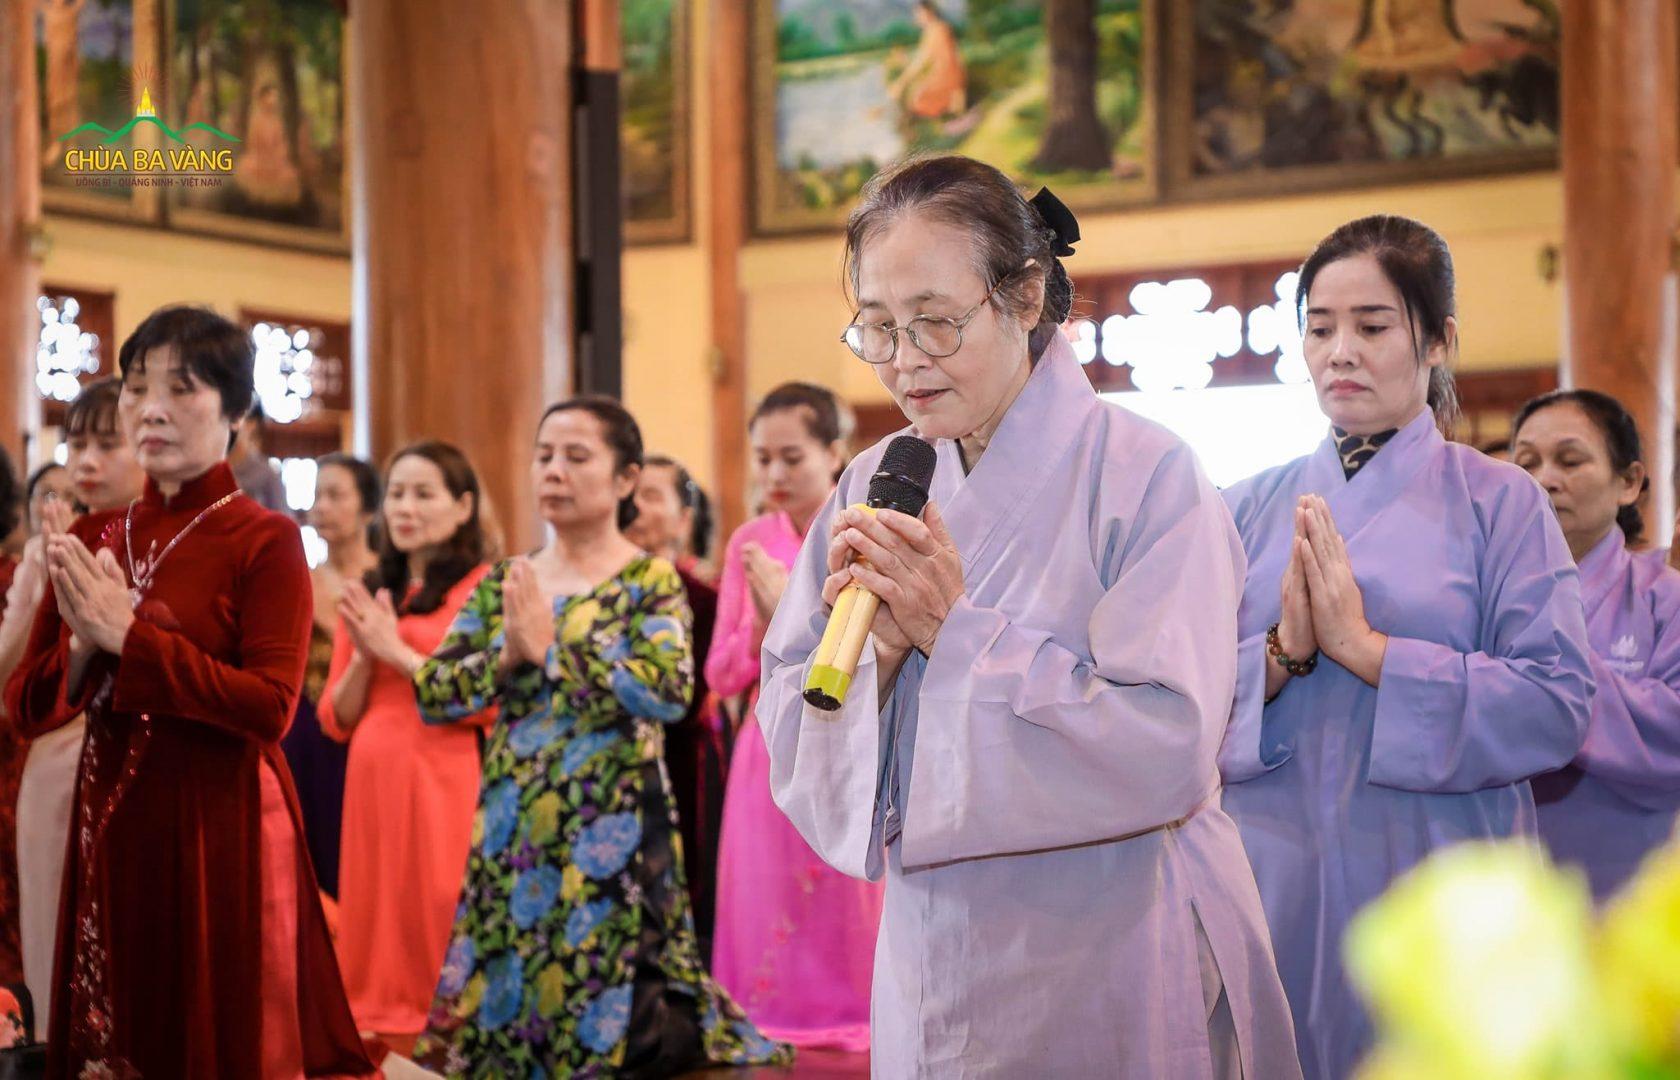 Đại diện Phật tử đạo tràng dâng lời tác bạch tới Sư Phụ Thích Trúc Thái Minh